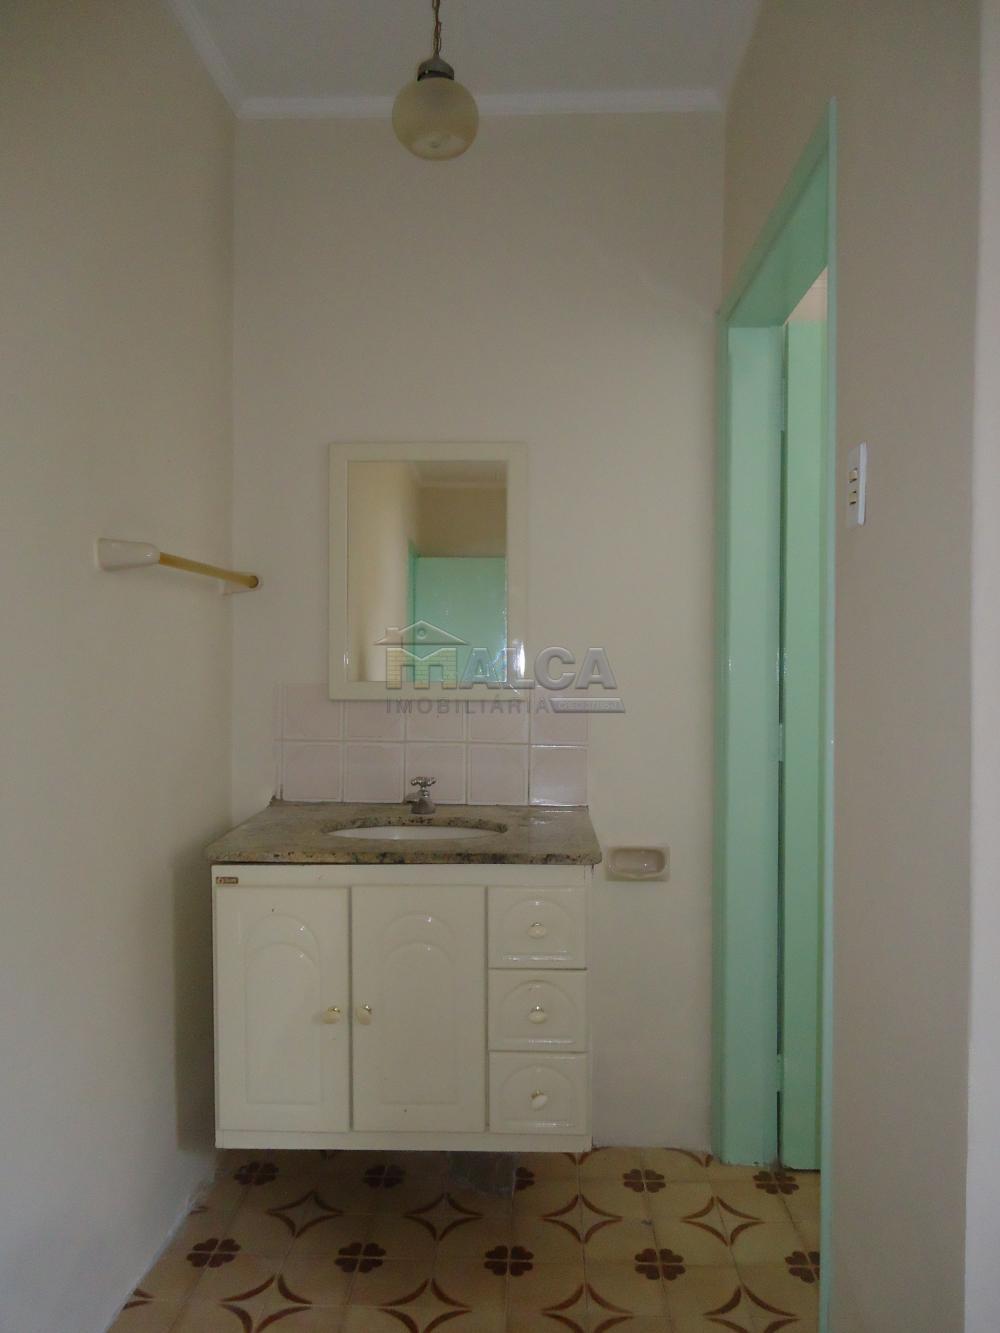 Alugar Casas / Padrão em São José do Rio Pardo R$ 1.120,00 - Foto 10